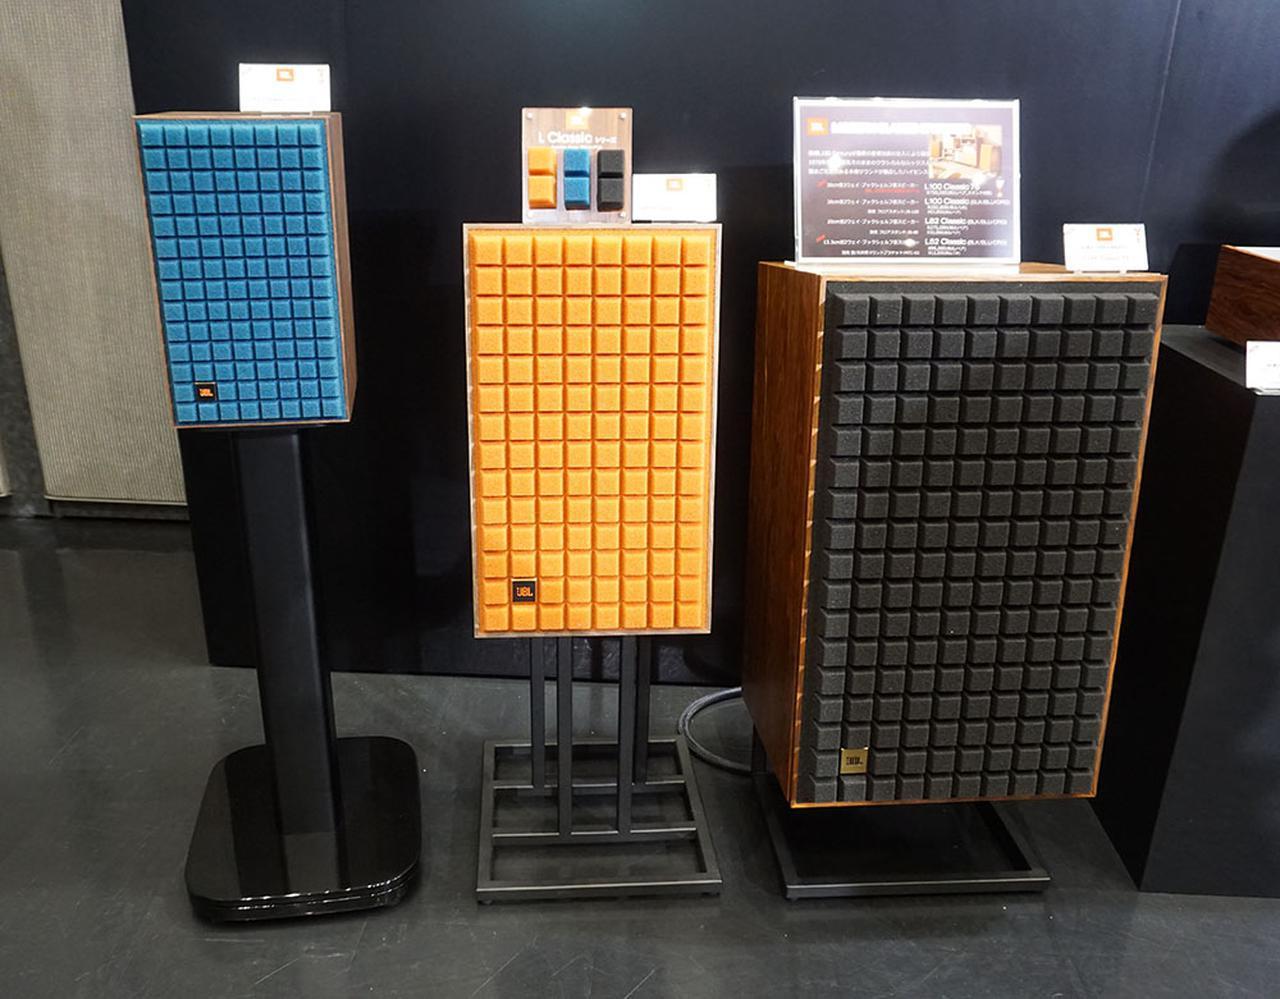 画像: 3台並んだL Classicシリーズ左端が新製品「L52 Classic」